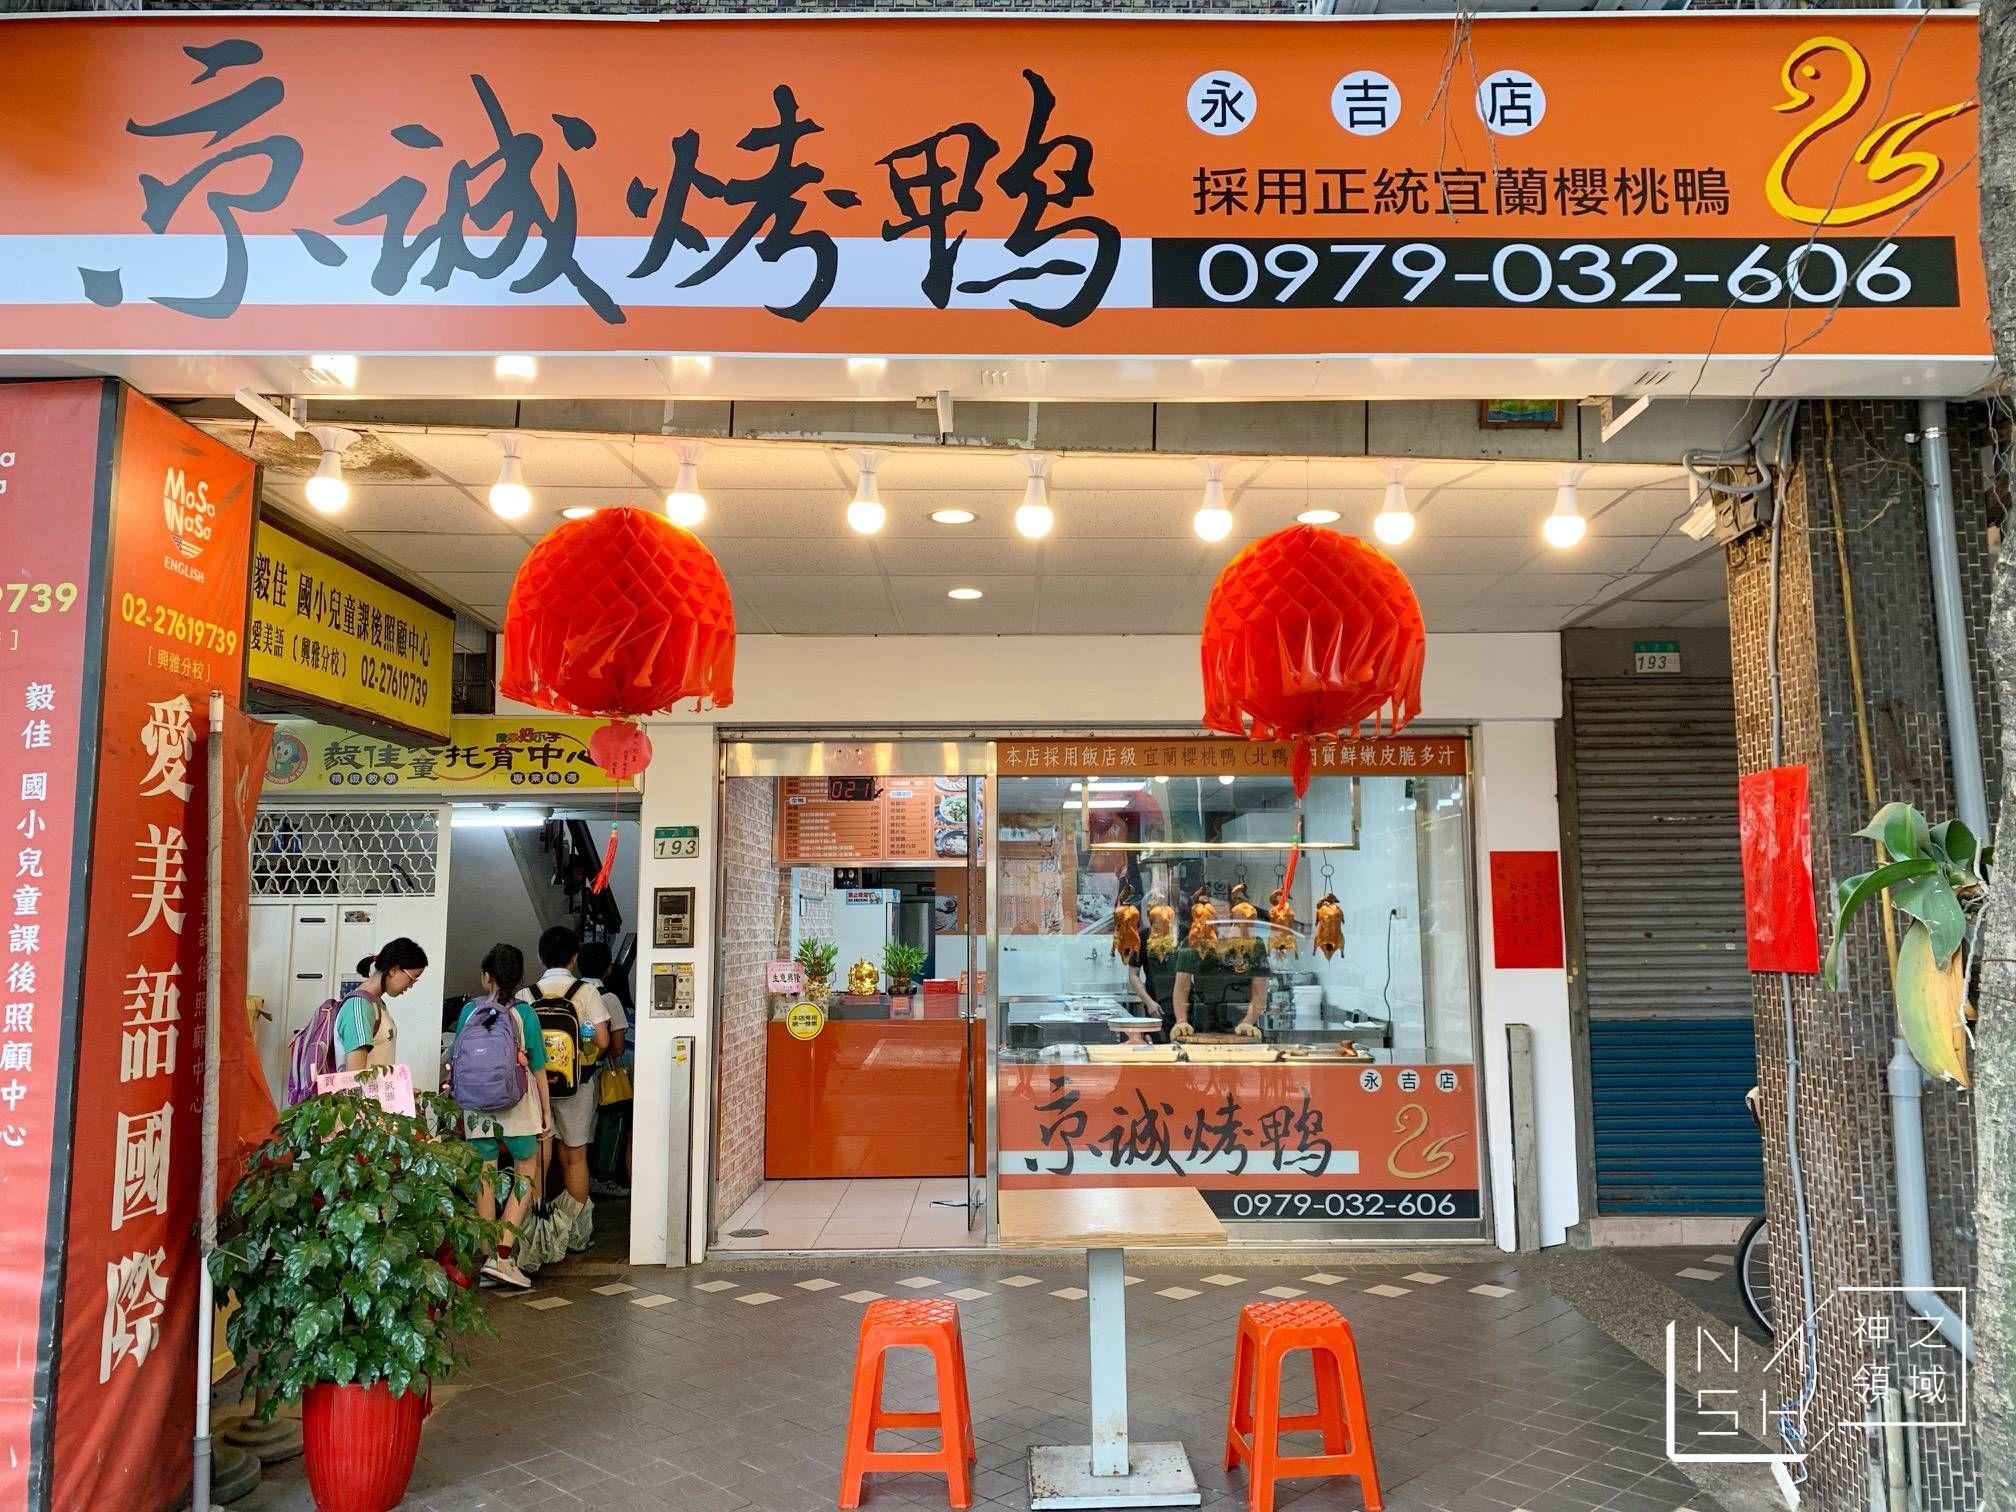 京城烤鴨永吉店